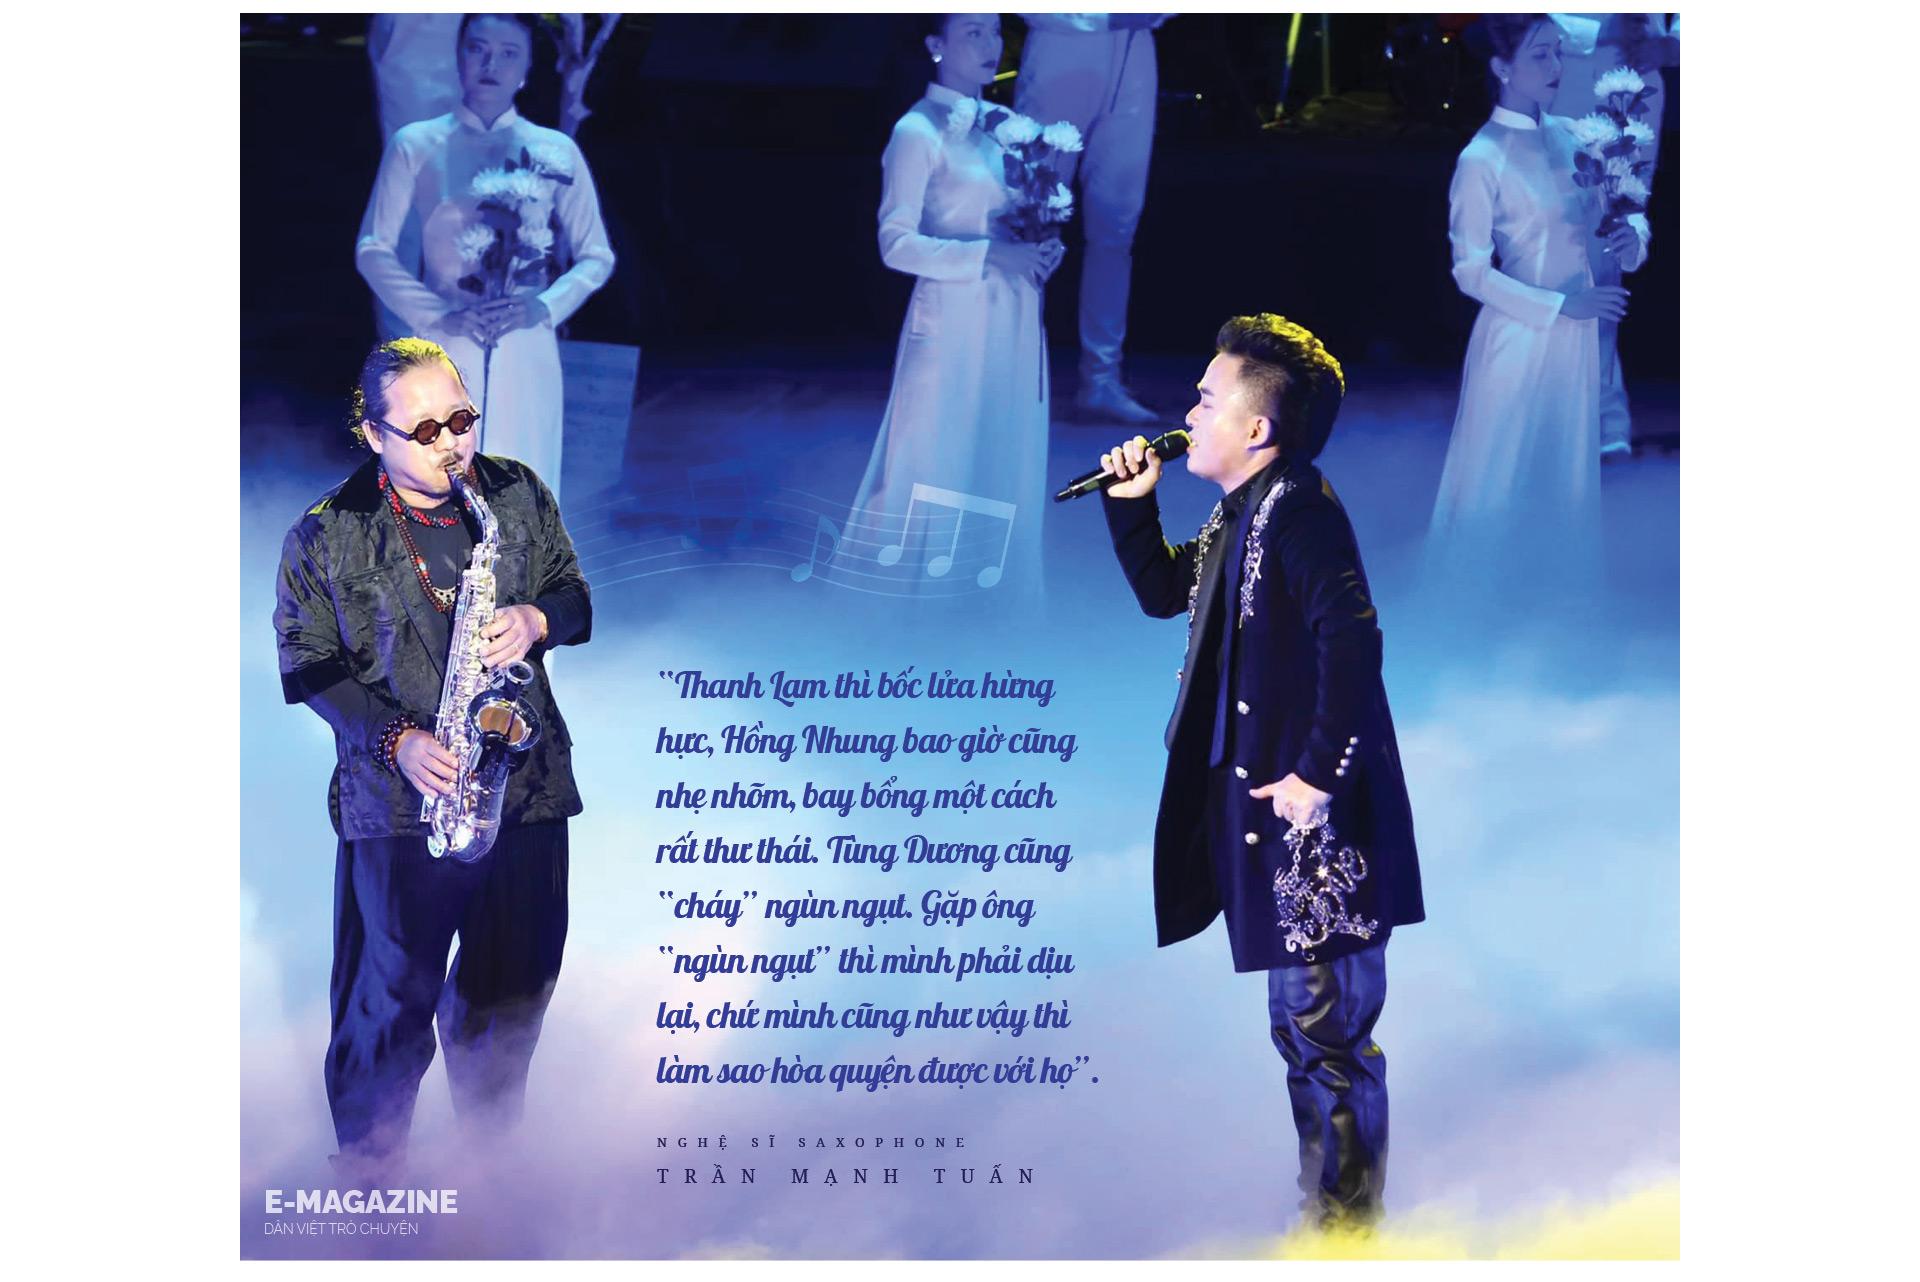 """Nghệ sĩ saxophone Trần Mạnh Tuấn: """"Diễn giữa không gian bệnh viện dã chiến là điều đặc biệt nhất trong đời"""" - Ảnh 13."""